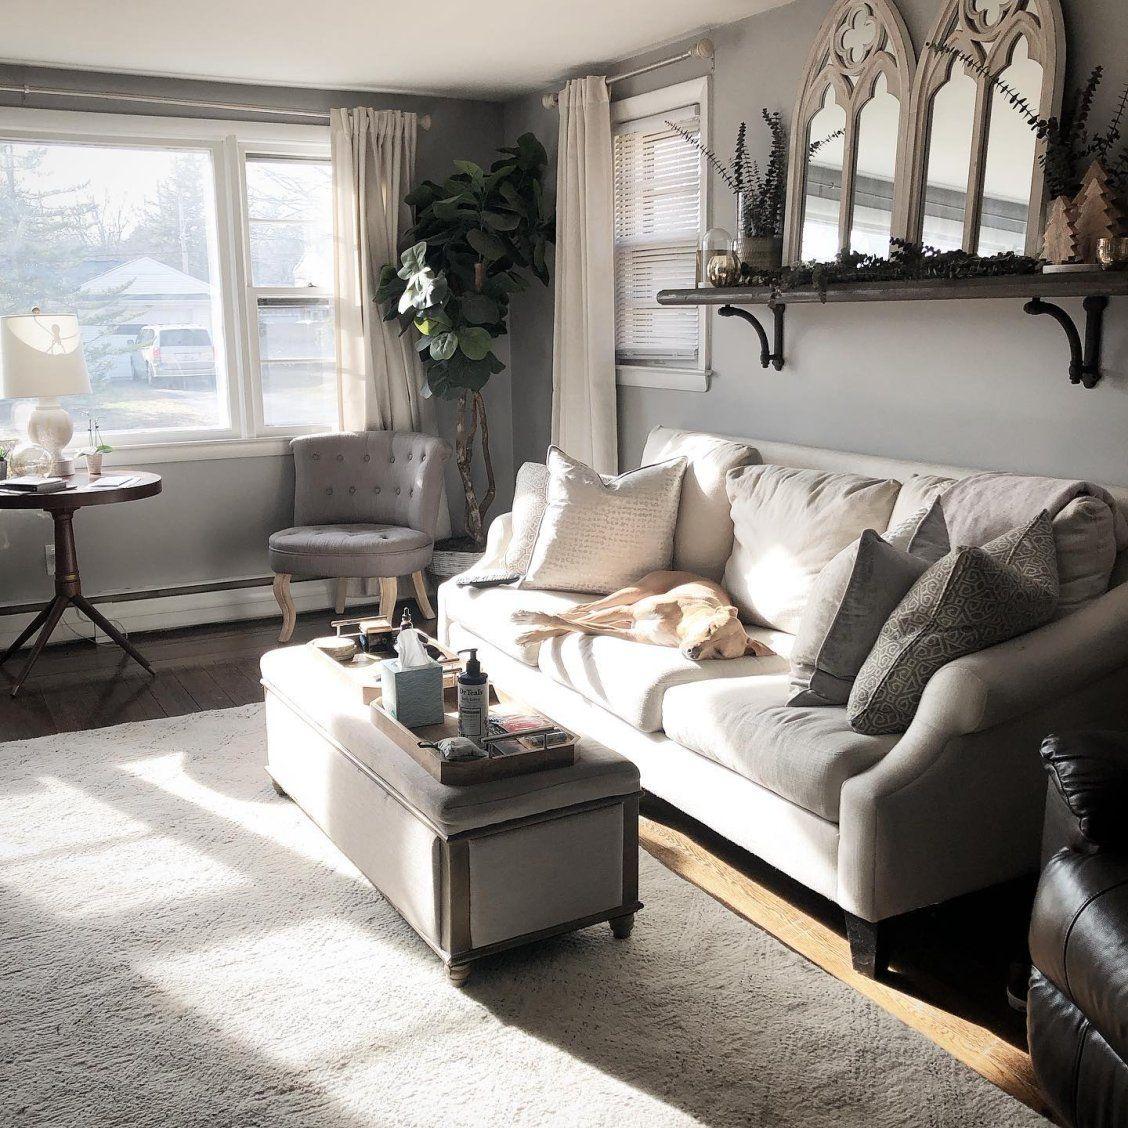 Anastasia Sofa Living Room Decor Curtains Paint Colors For Living Room Living Room Designs [ 1128 x 1128 Pixel ]